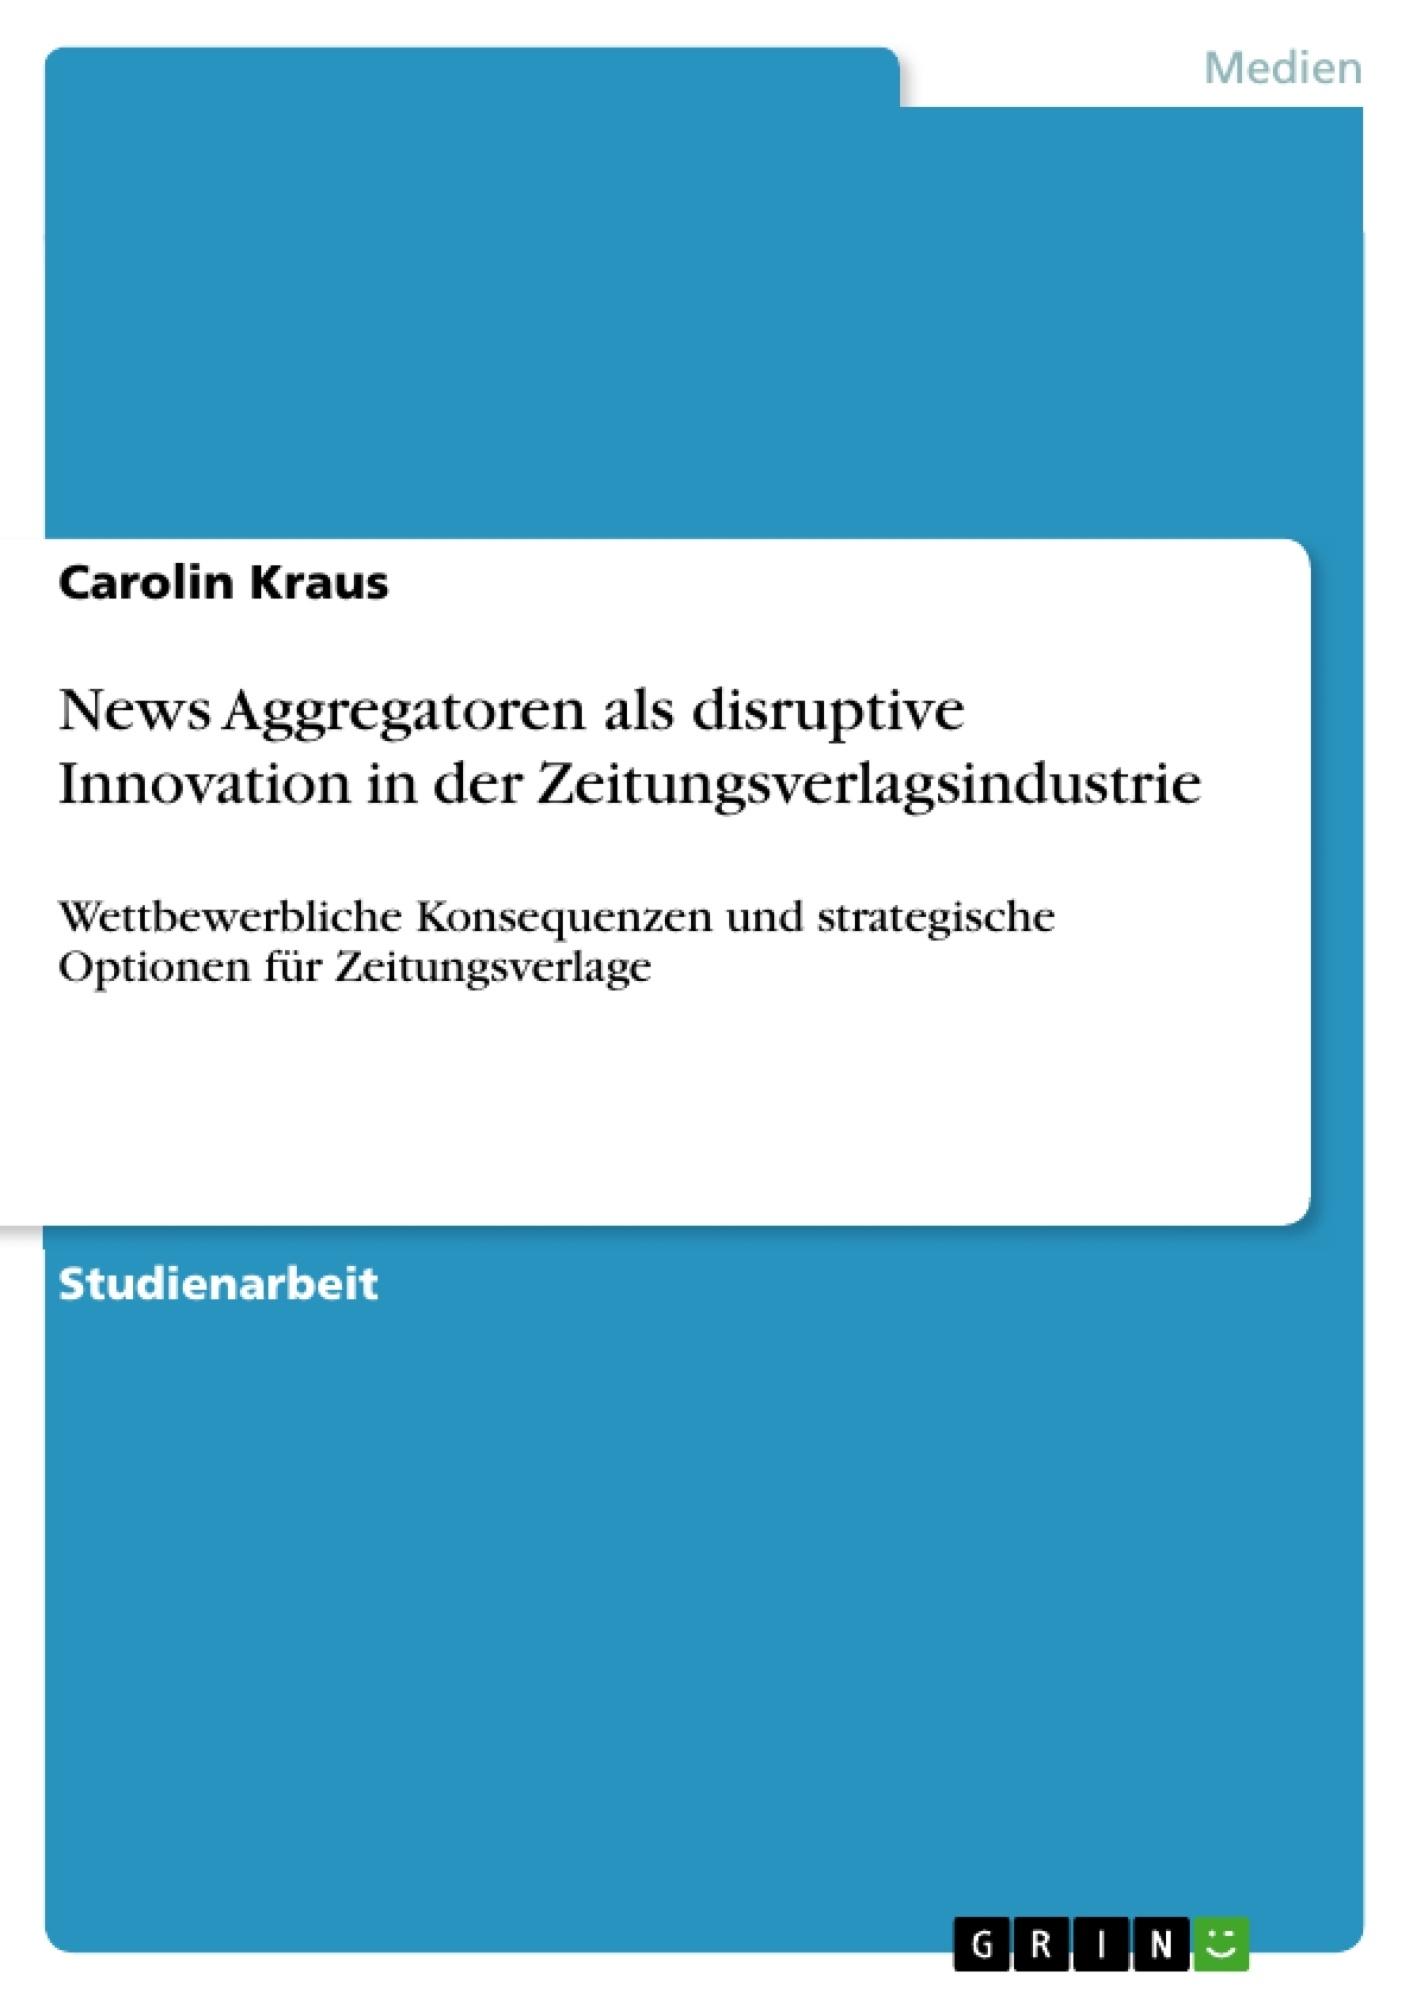 Titel: News Aggregatoren als disruptive Innovation in der Zeitungsverlagsindustrie